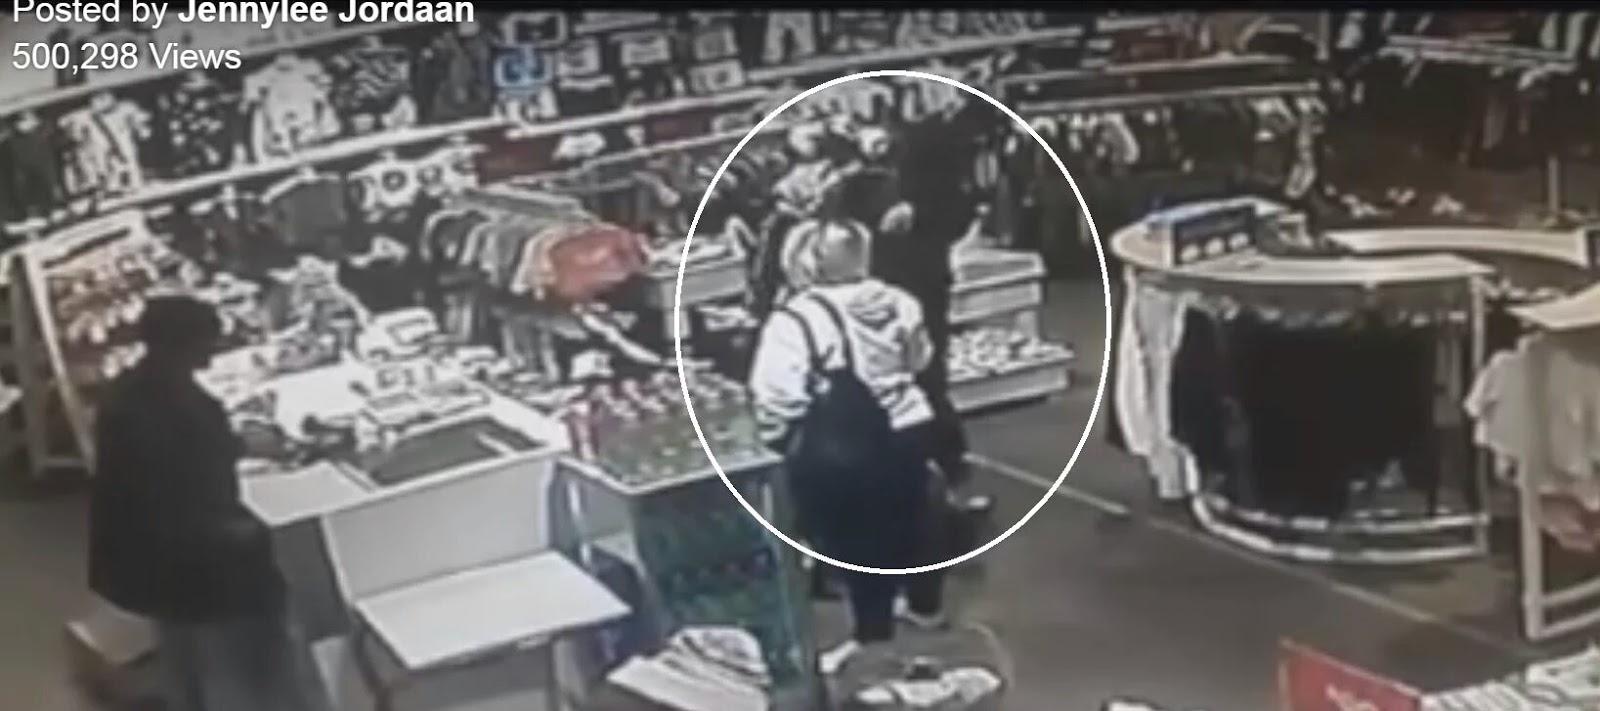 #Afrikaans mom Jennylee Jordaan's video of #KidnapAttempt of 2yo daughter